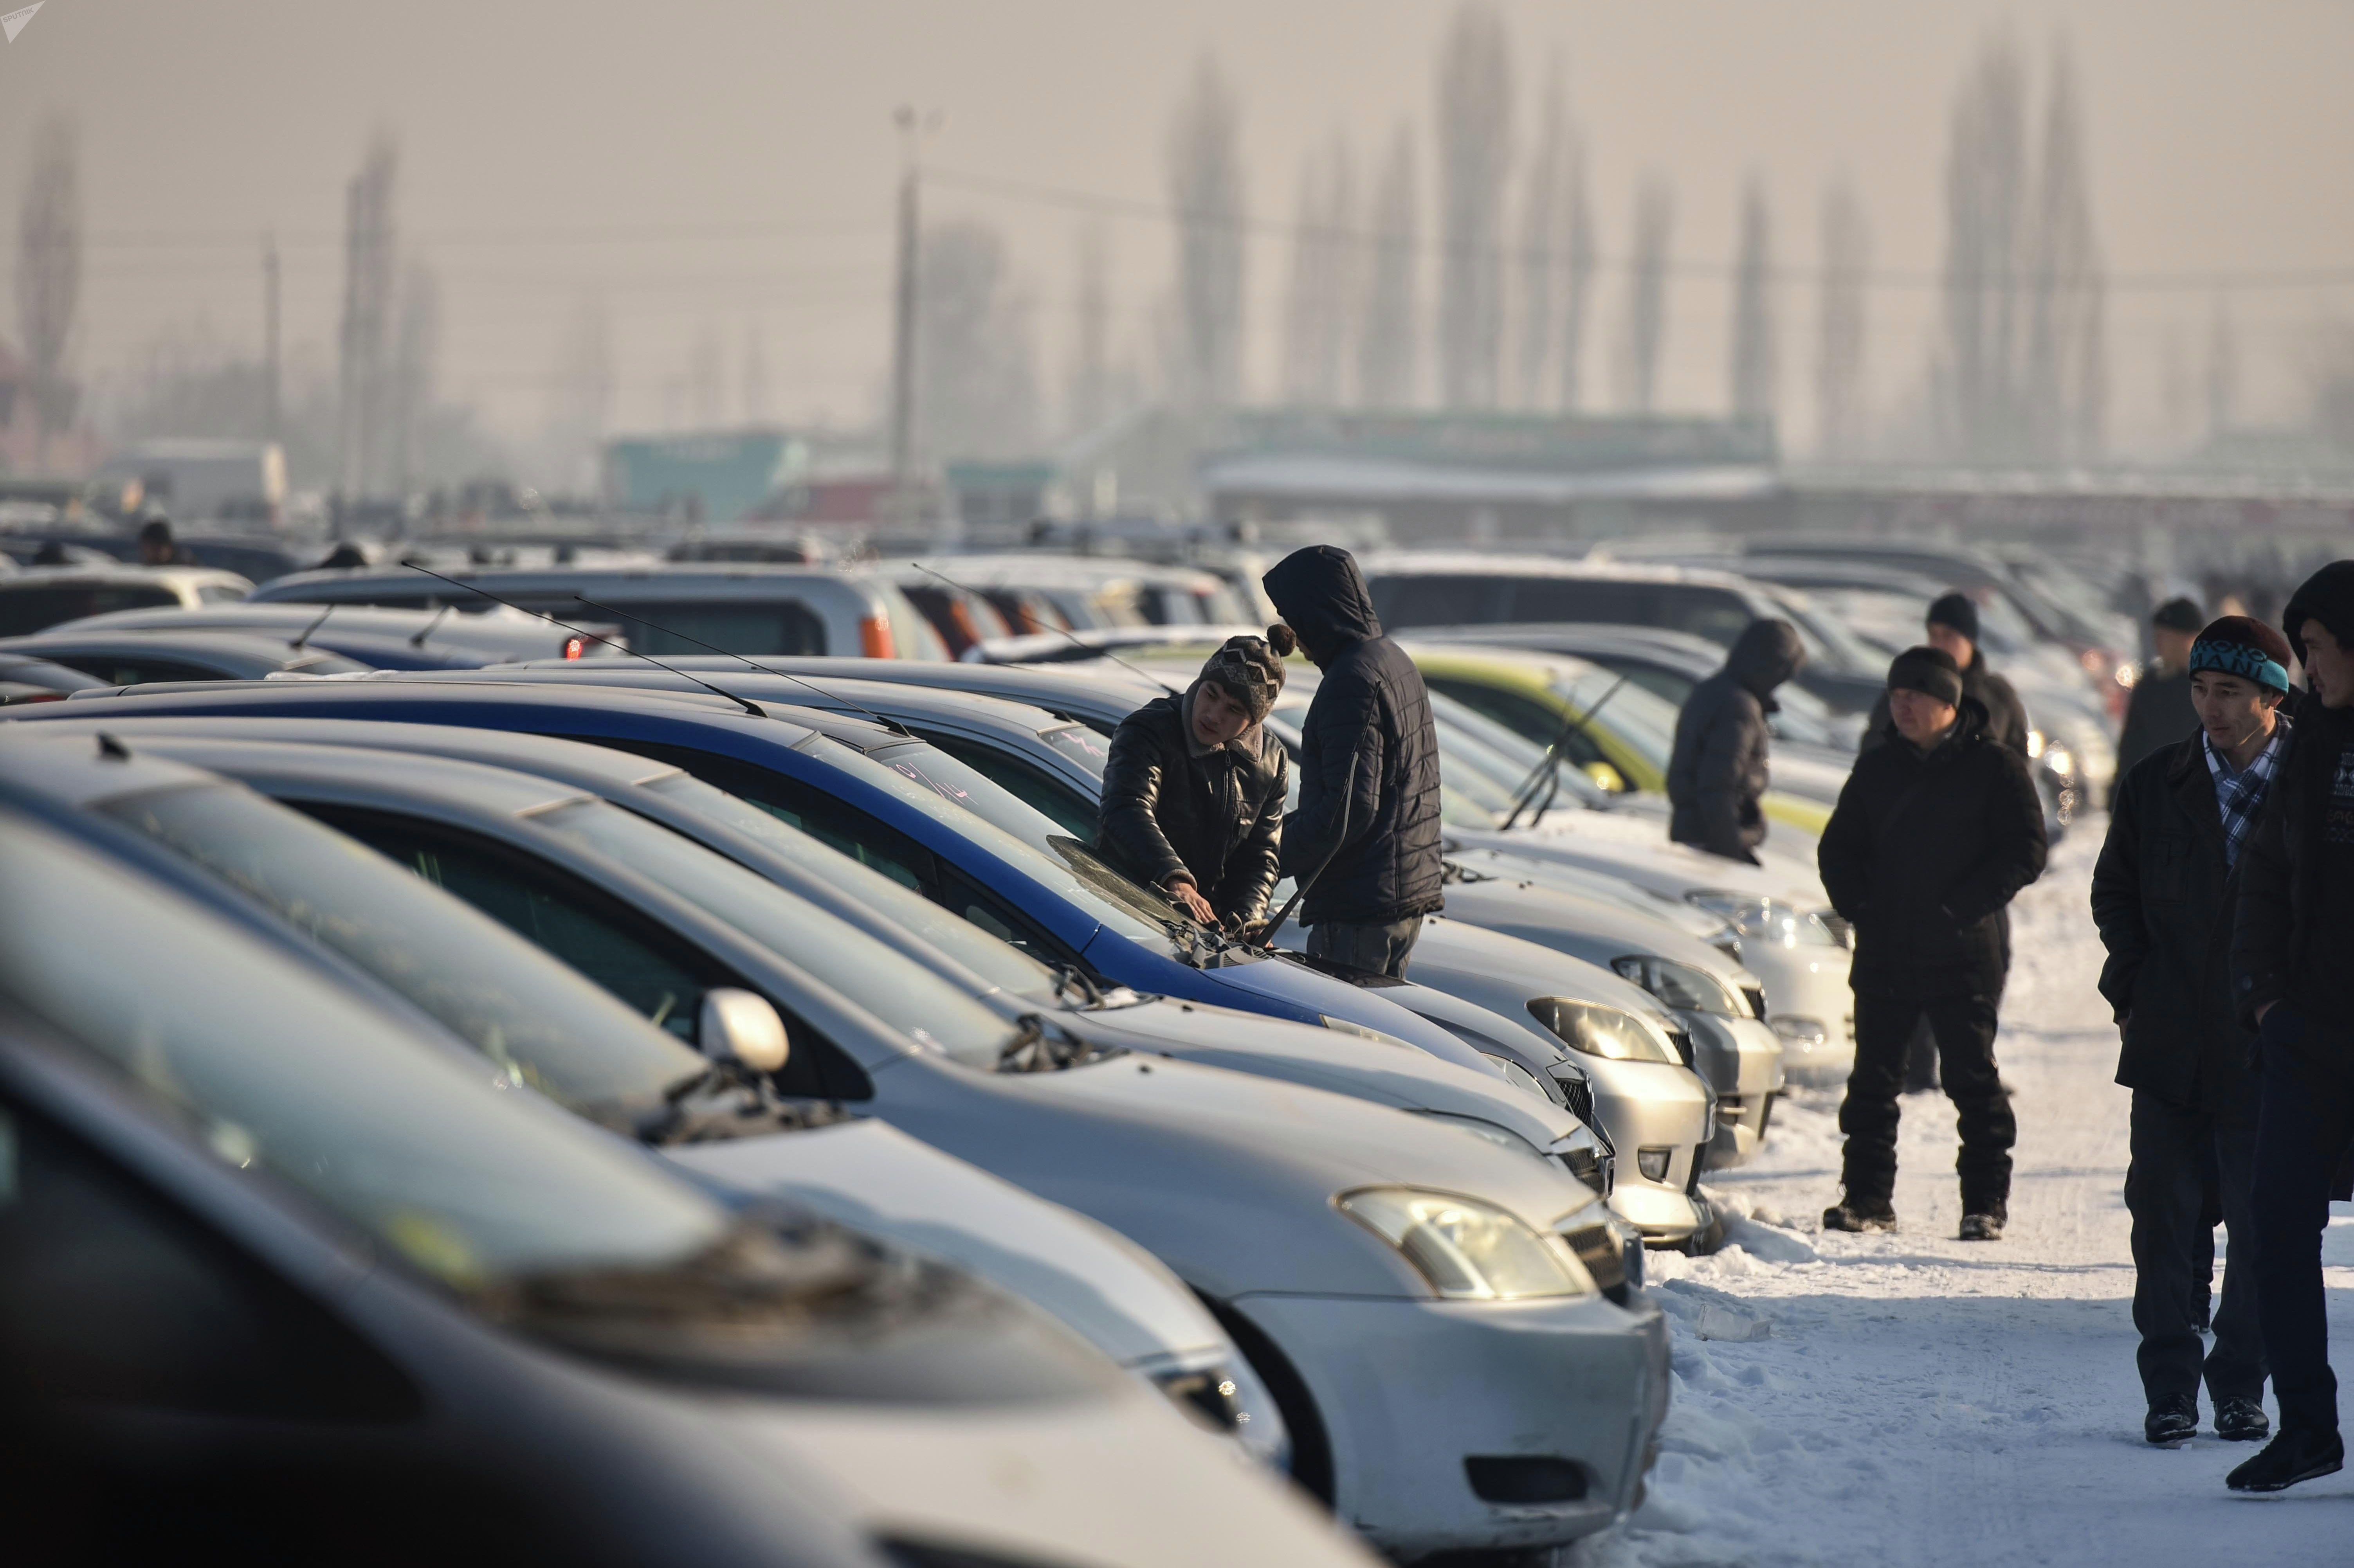 Автомобили на продажу в авторынке РИОМ